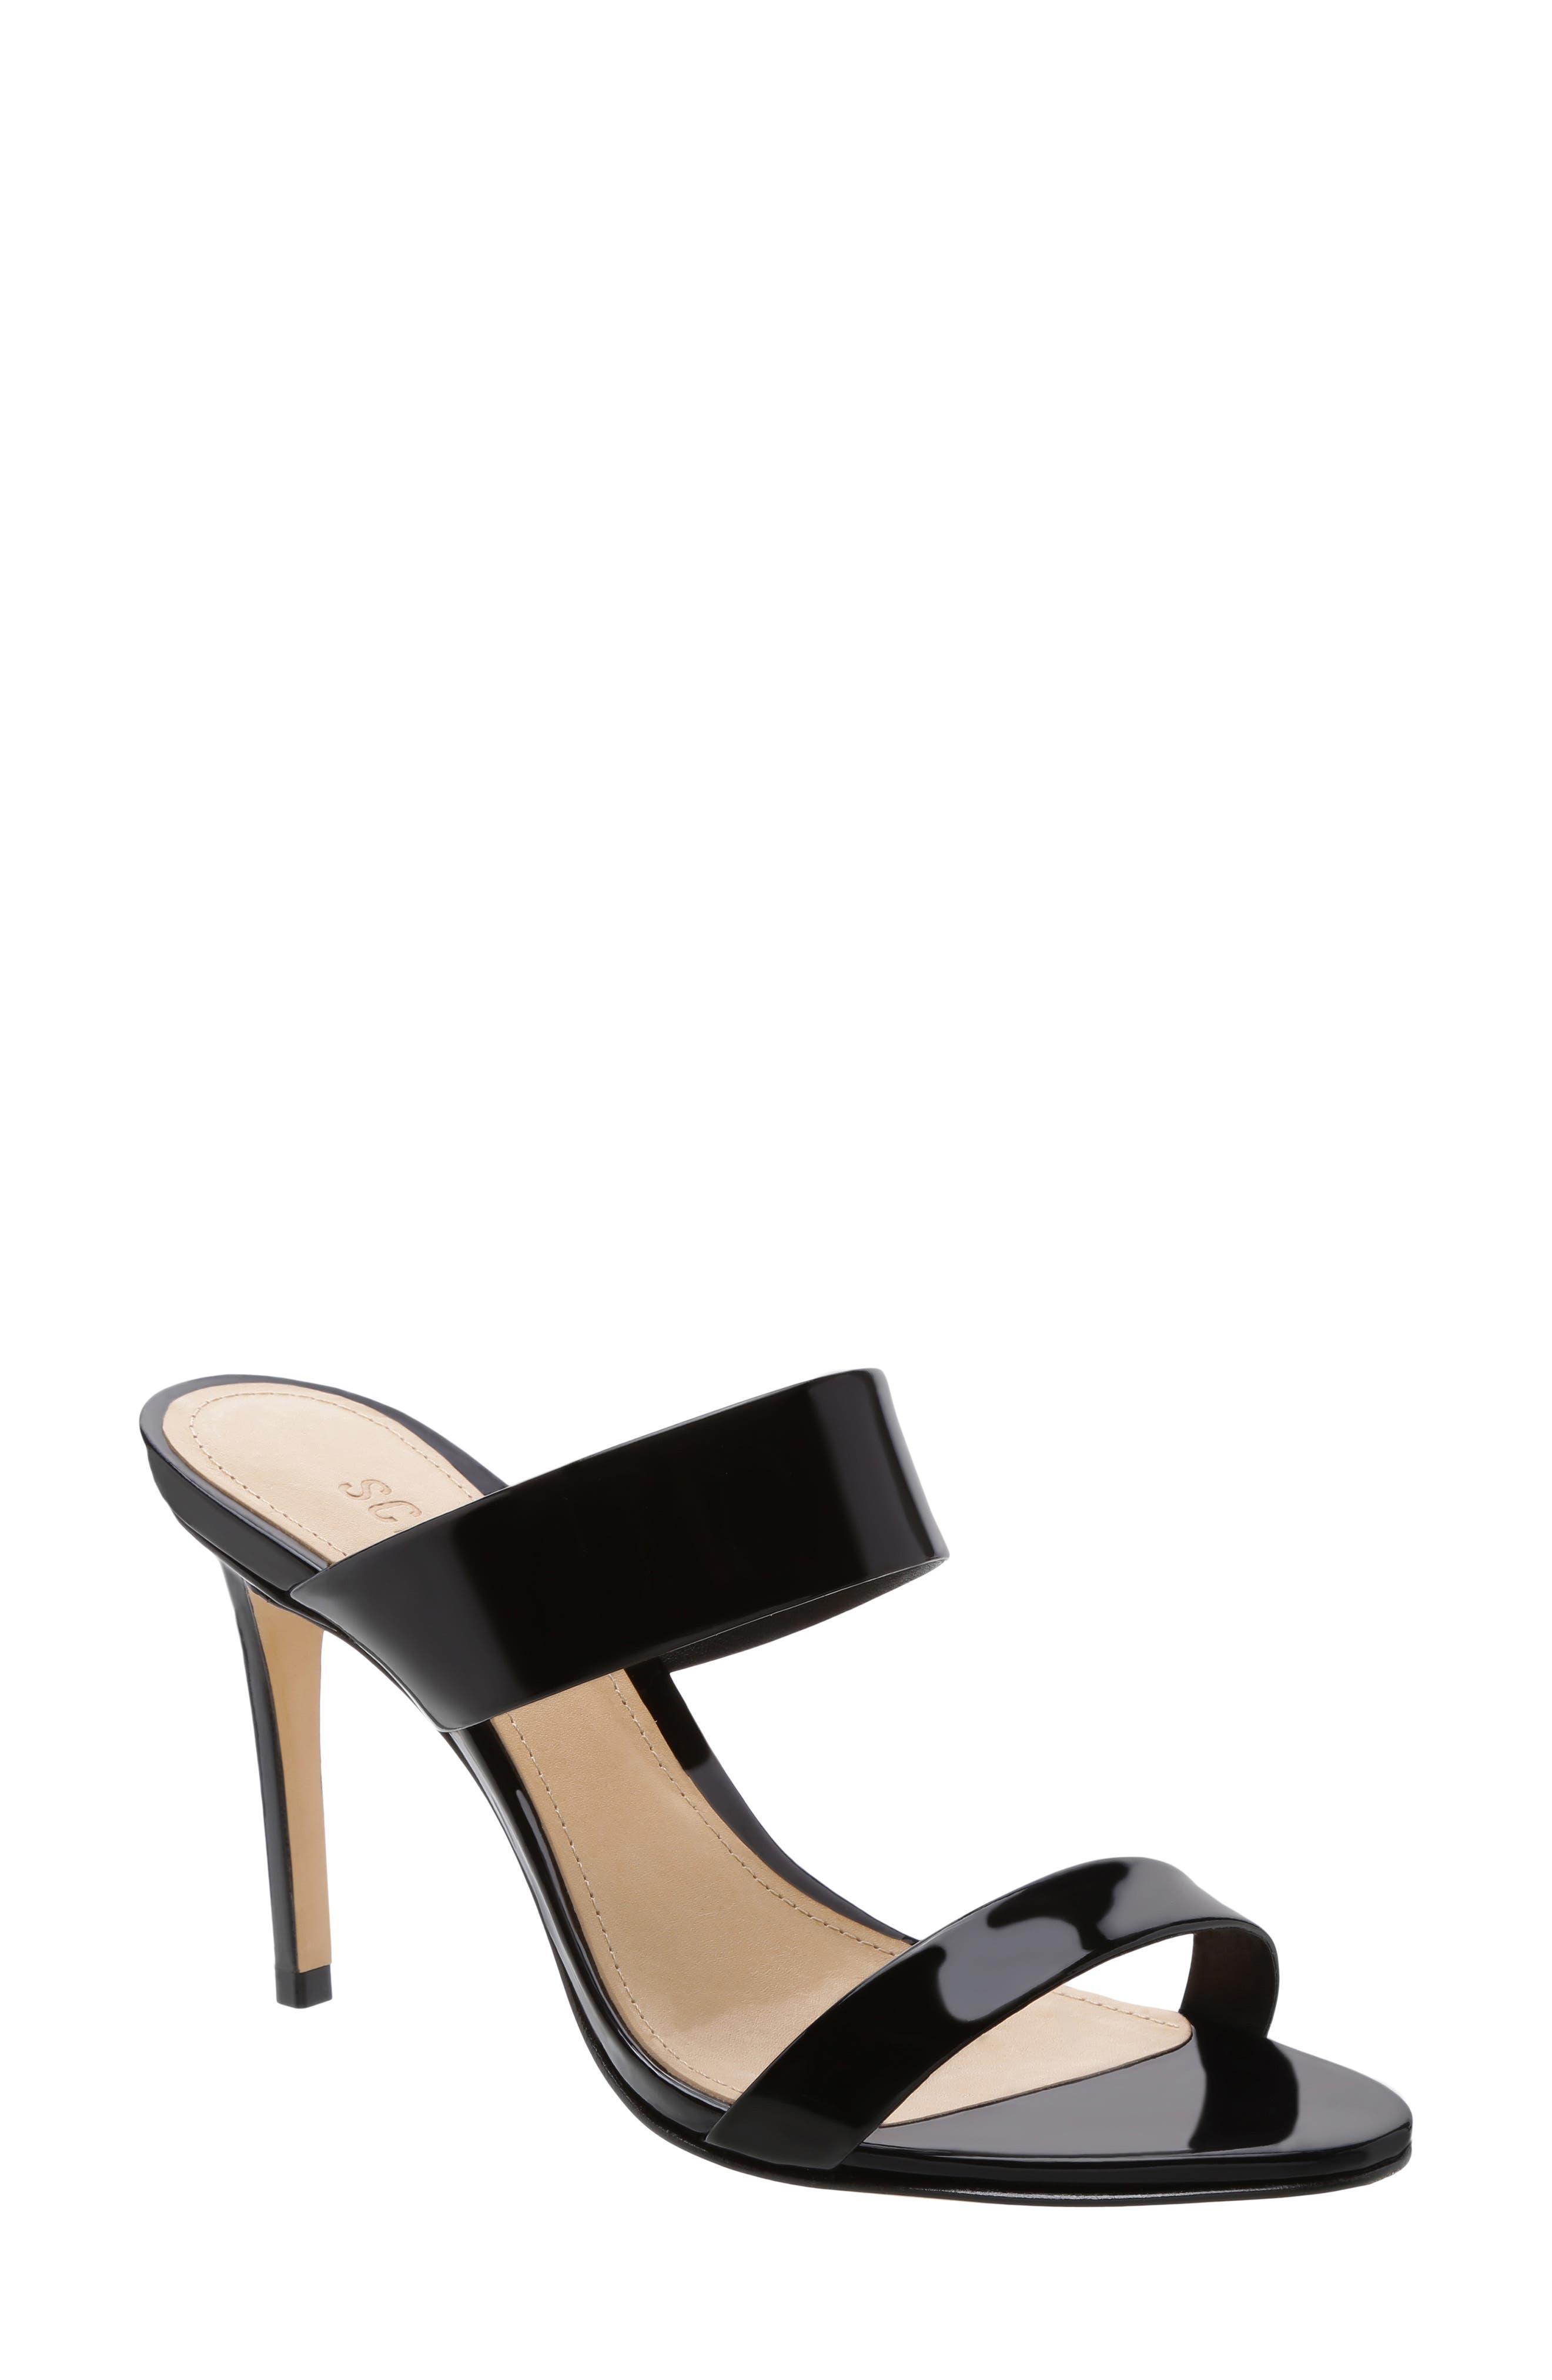 Schutz Leia Stiletto Slide Sandal, Black